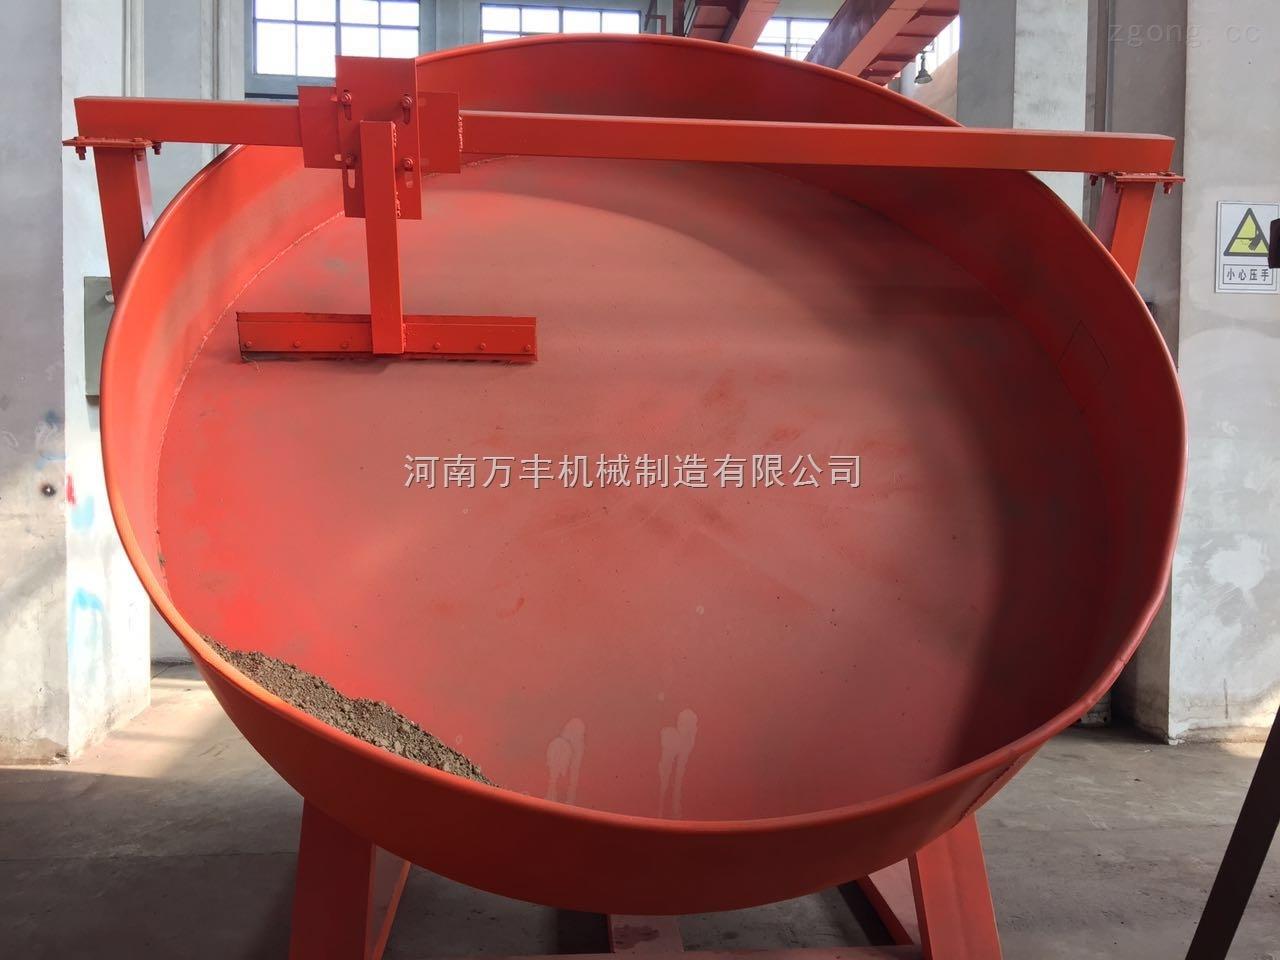 有机肥设备生产线,有机肥设备生产线圆盘造粒机-河南